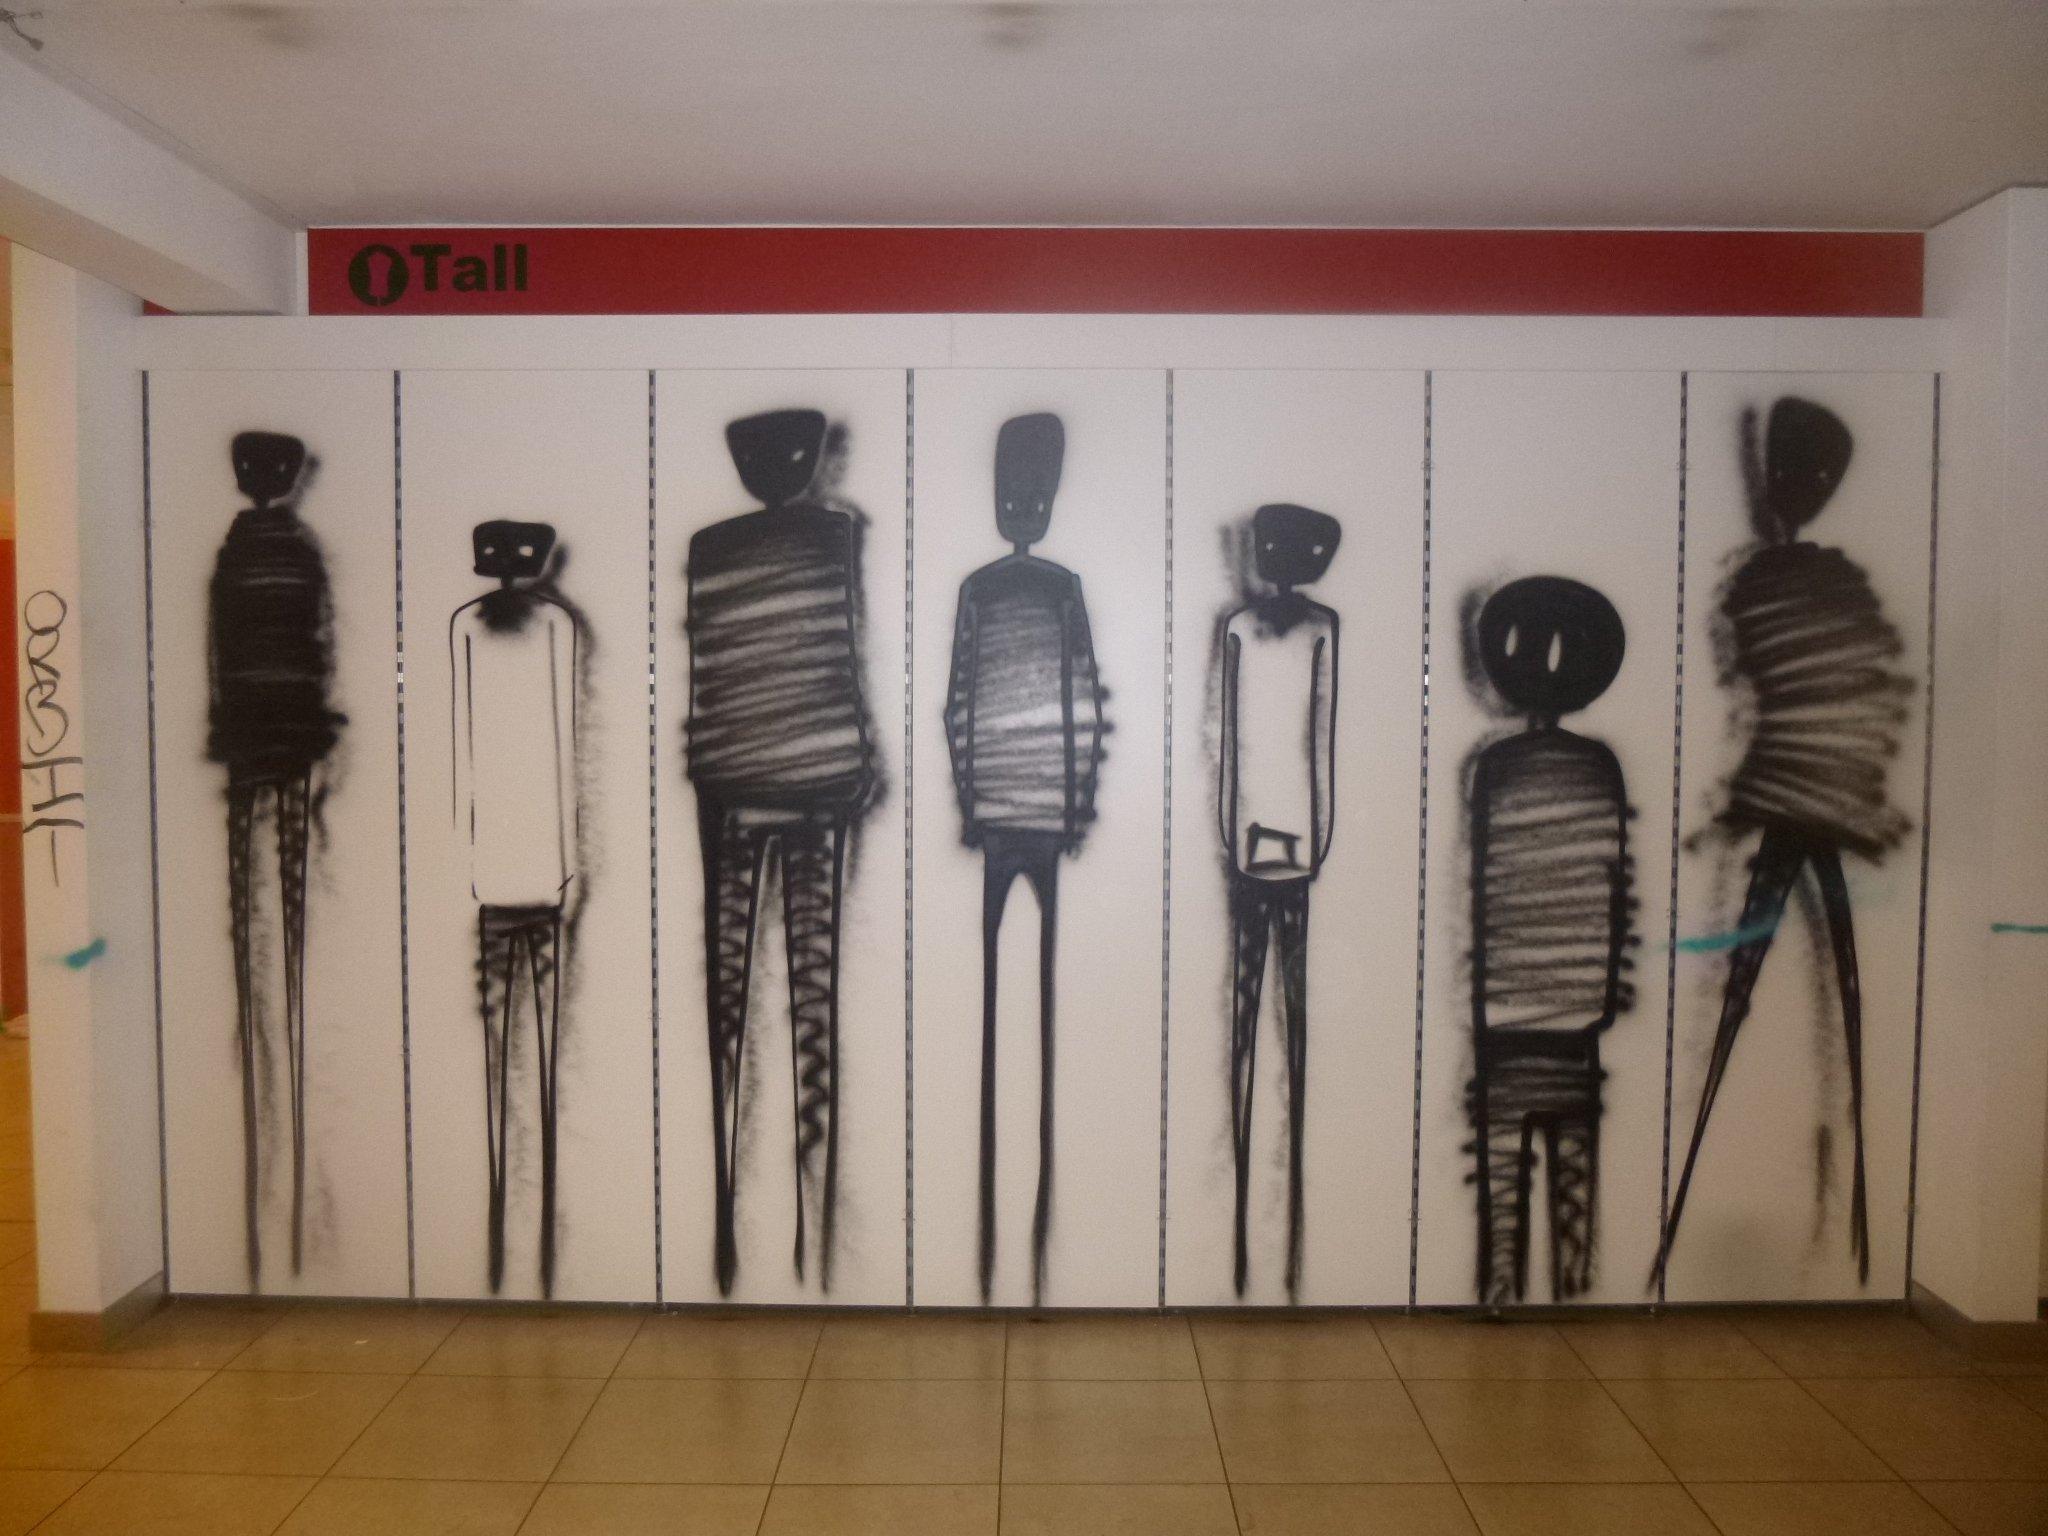 Graffiti TALL